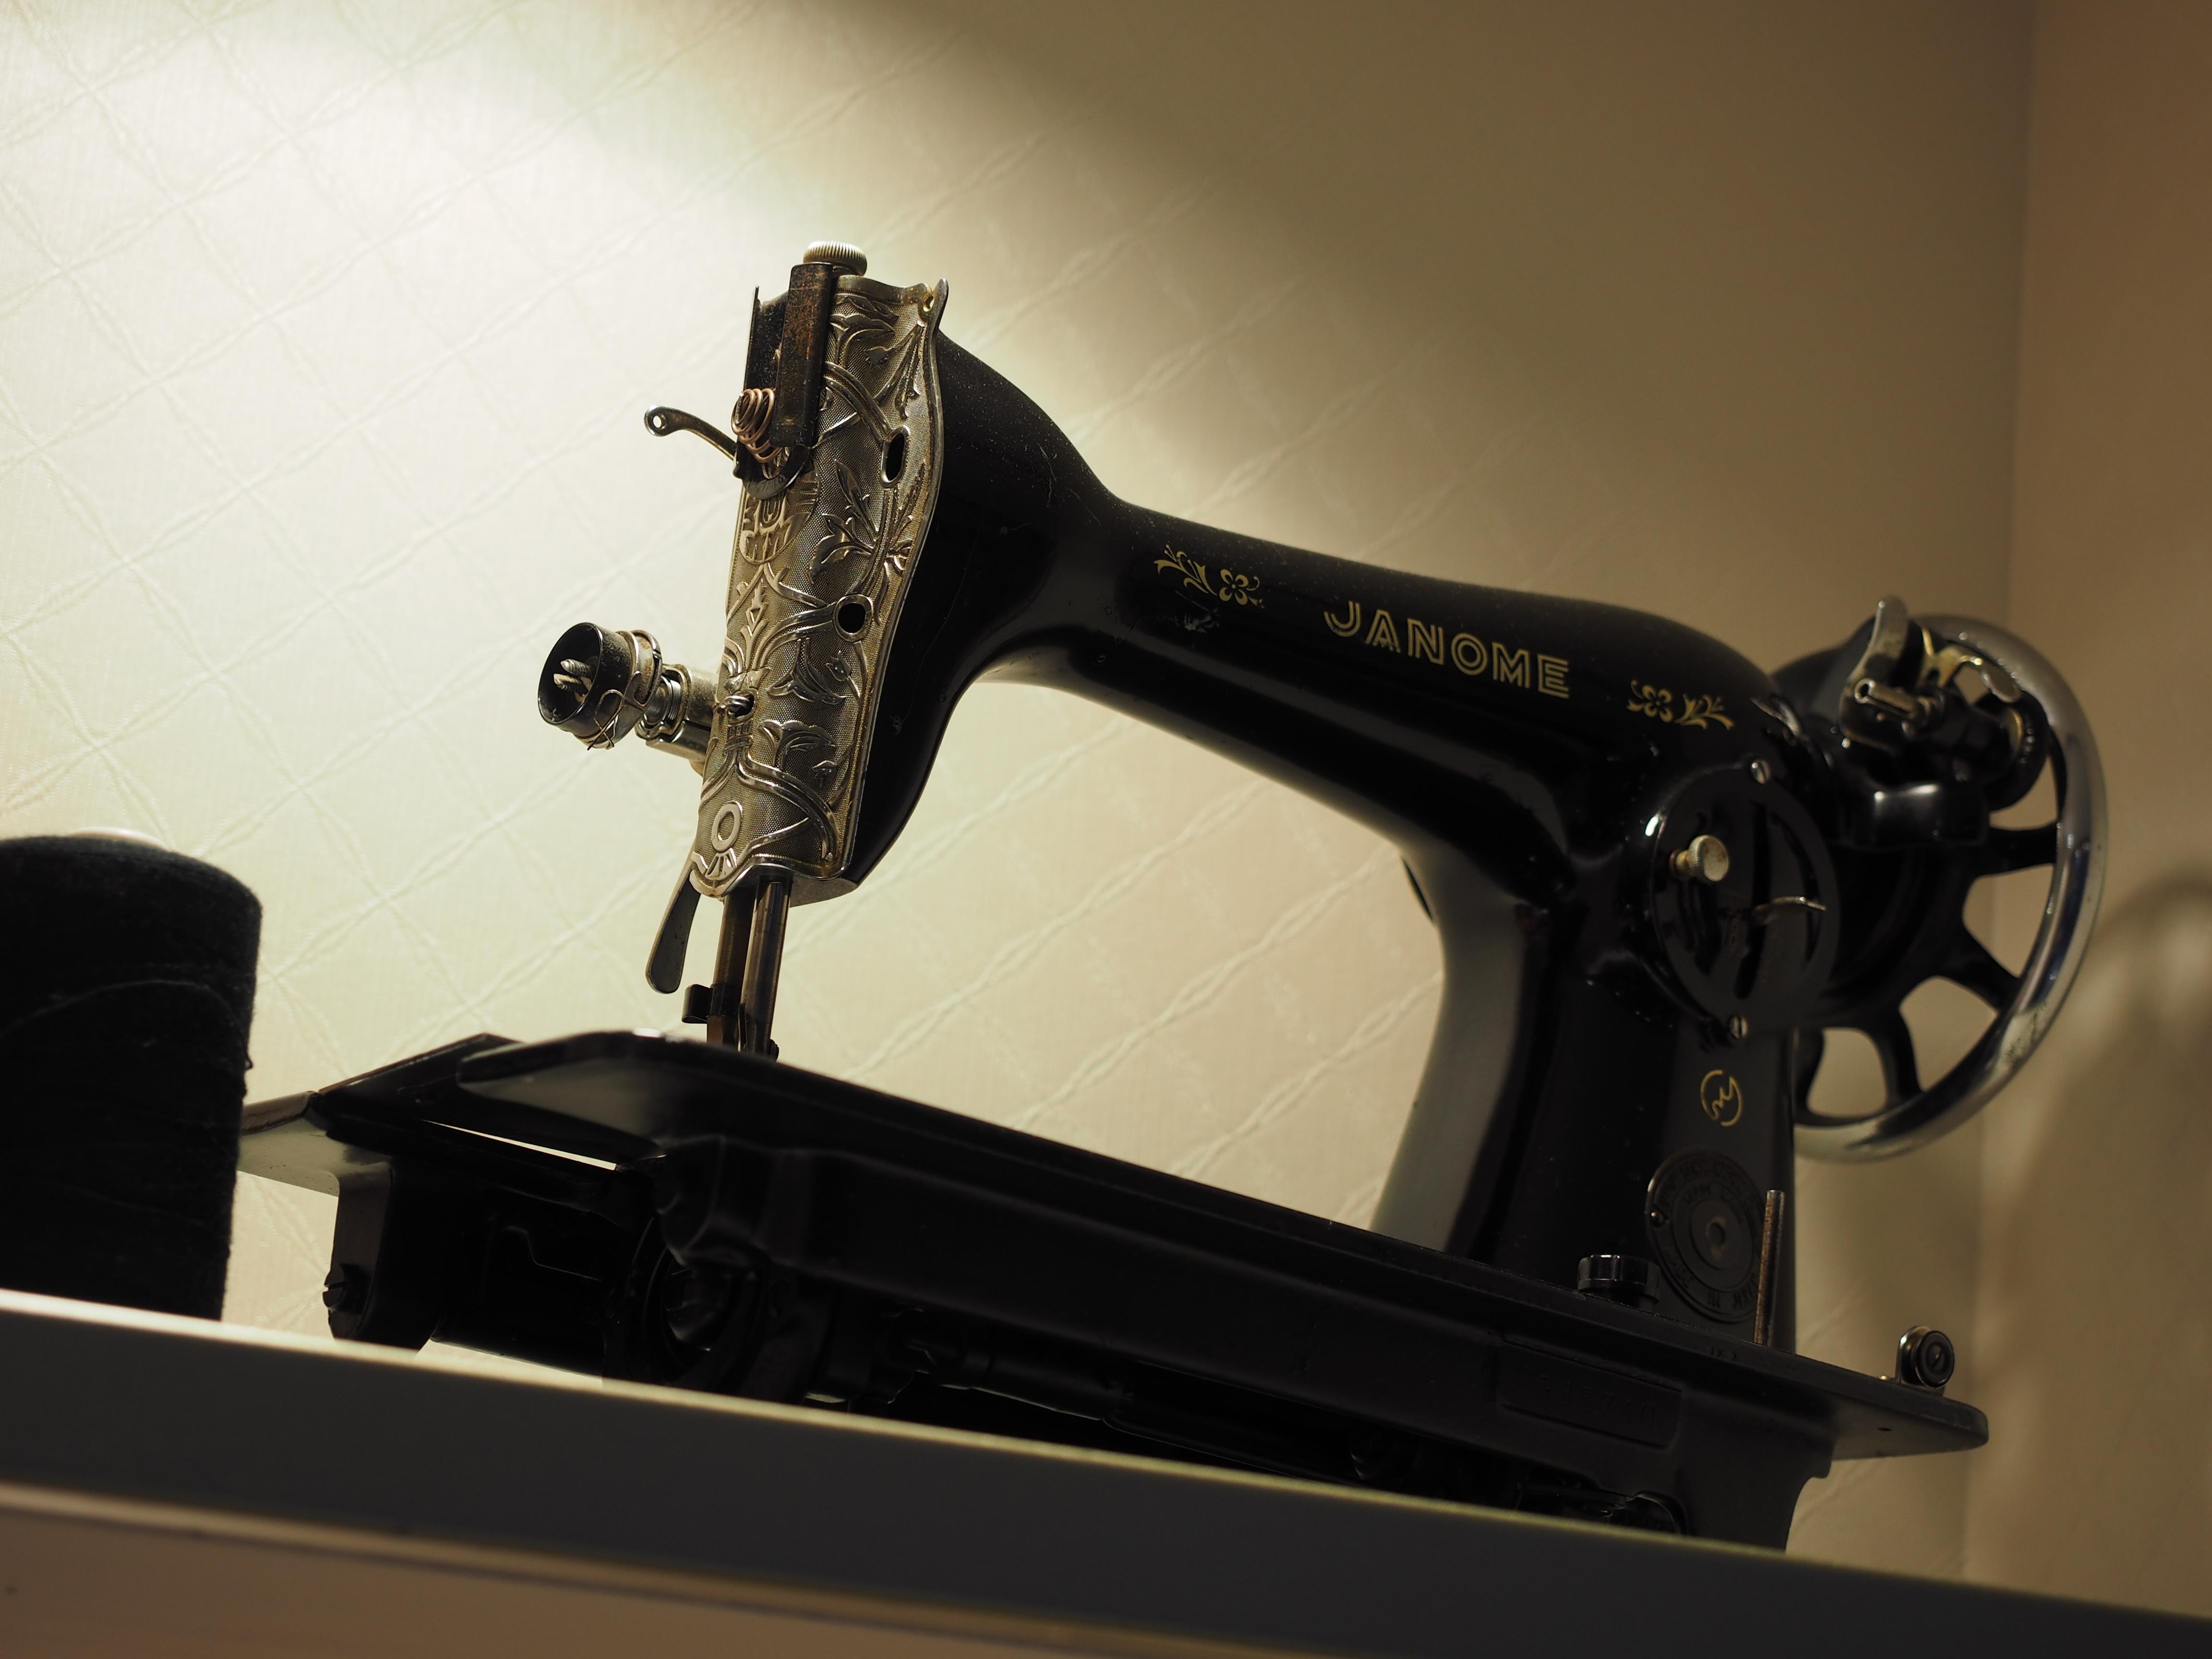 M.ZUIKO DIGITAL ED 12-40mm F2.8 PRO / 1/100秒 / F3.2 / +0.3EV / ISO200 / 絞り優先AE / WB:オート / 40mm